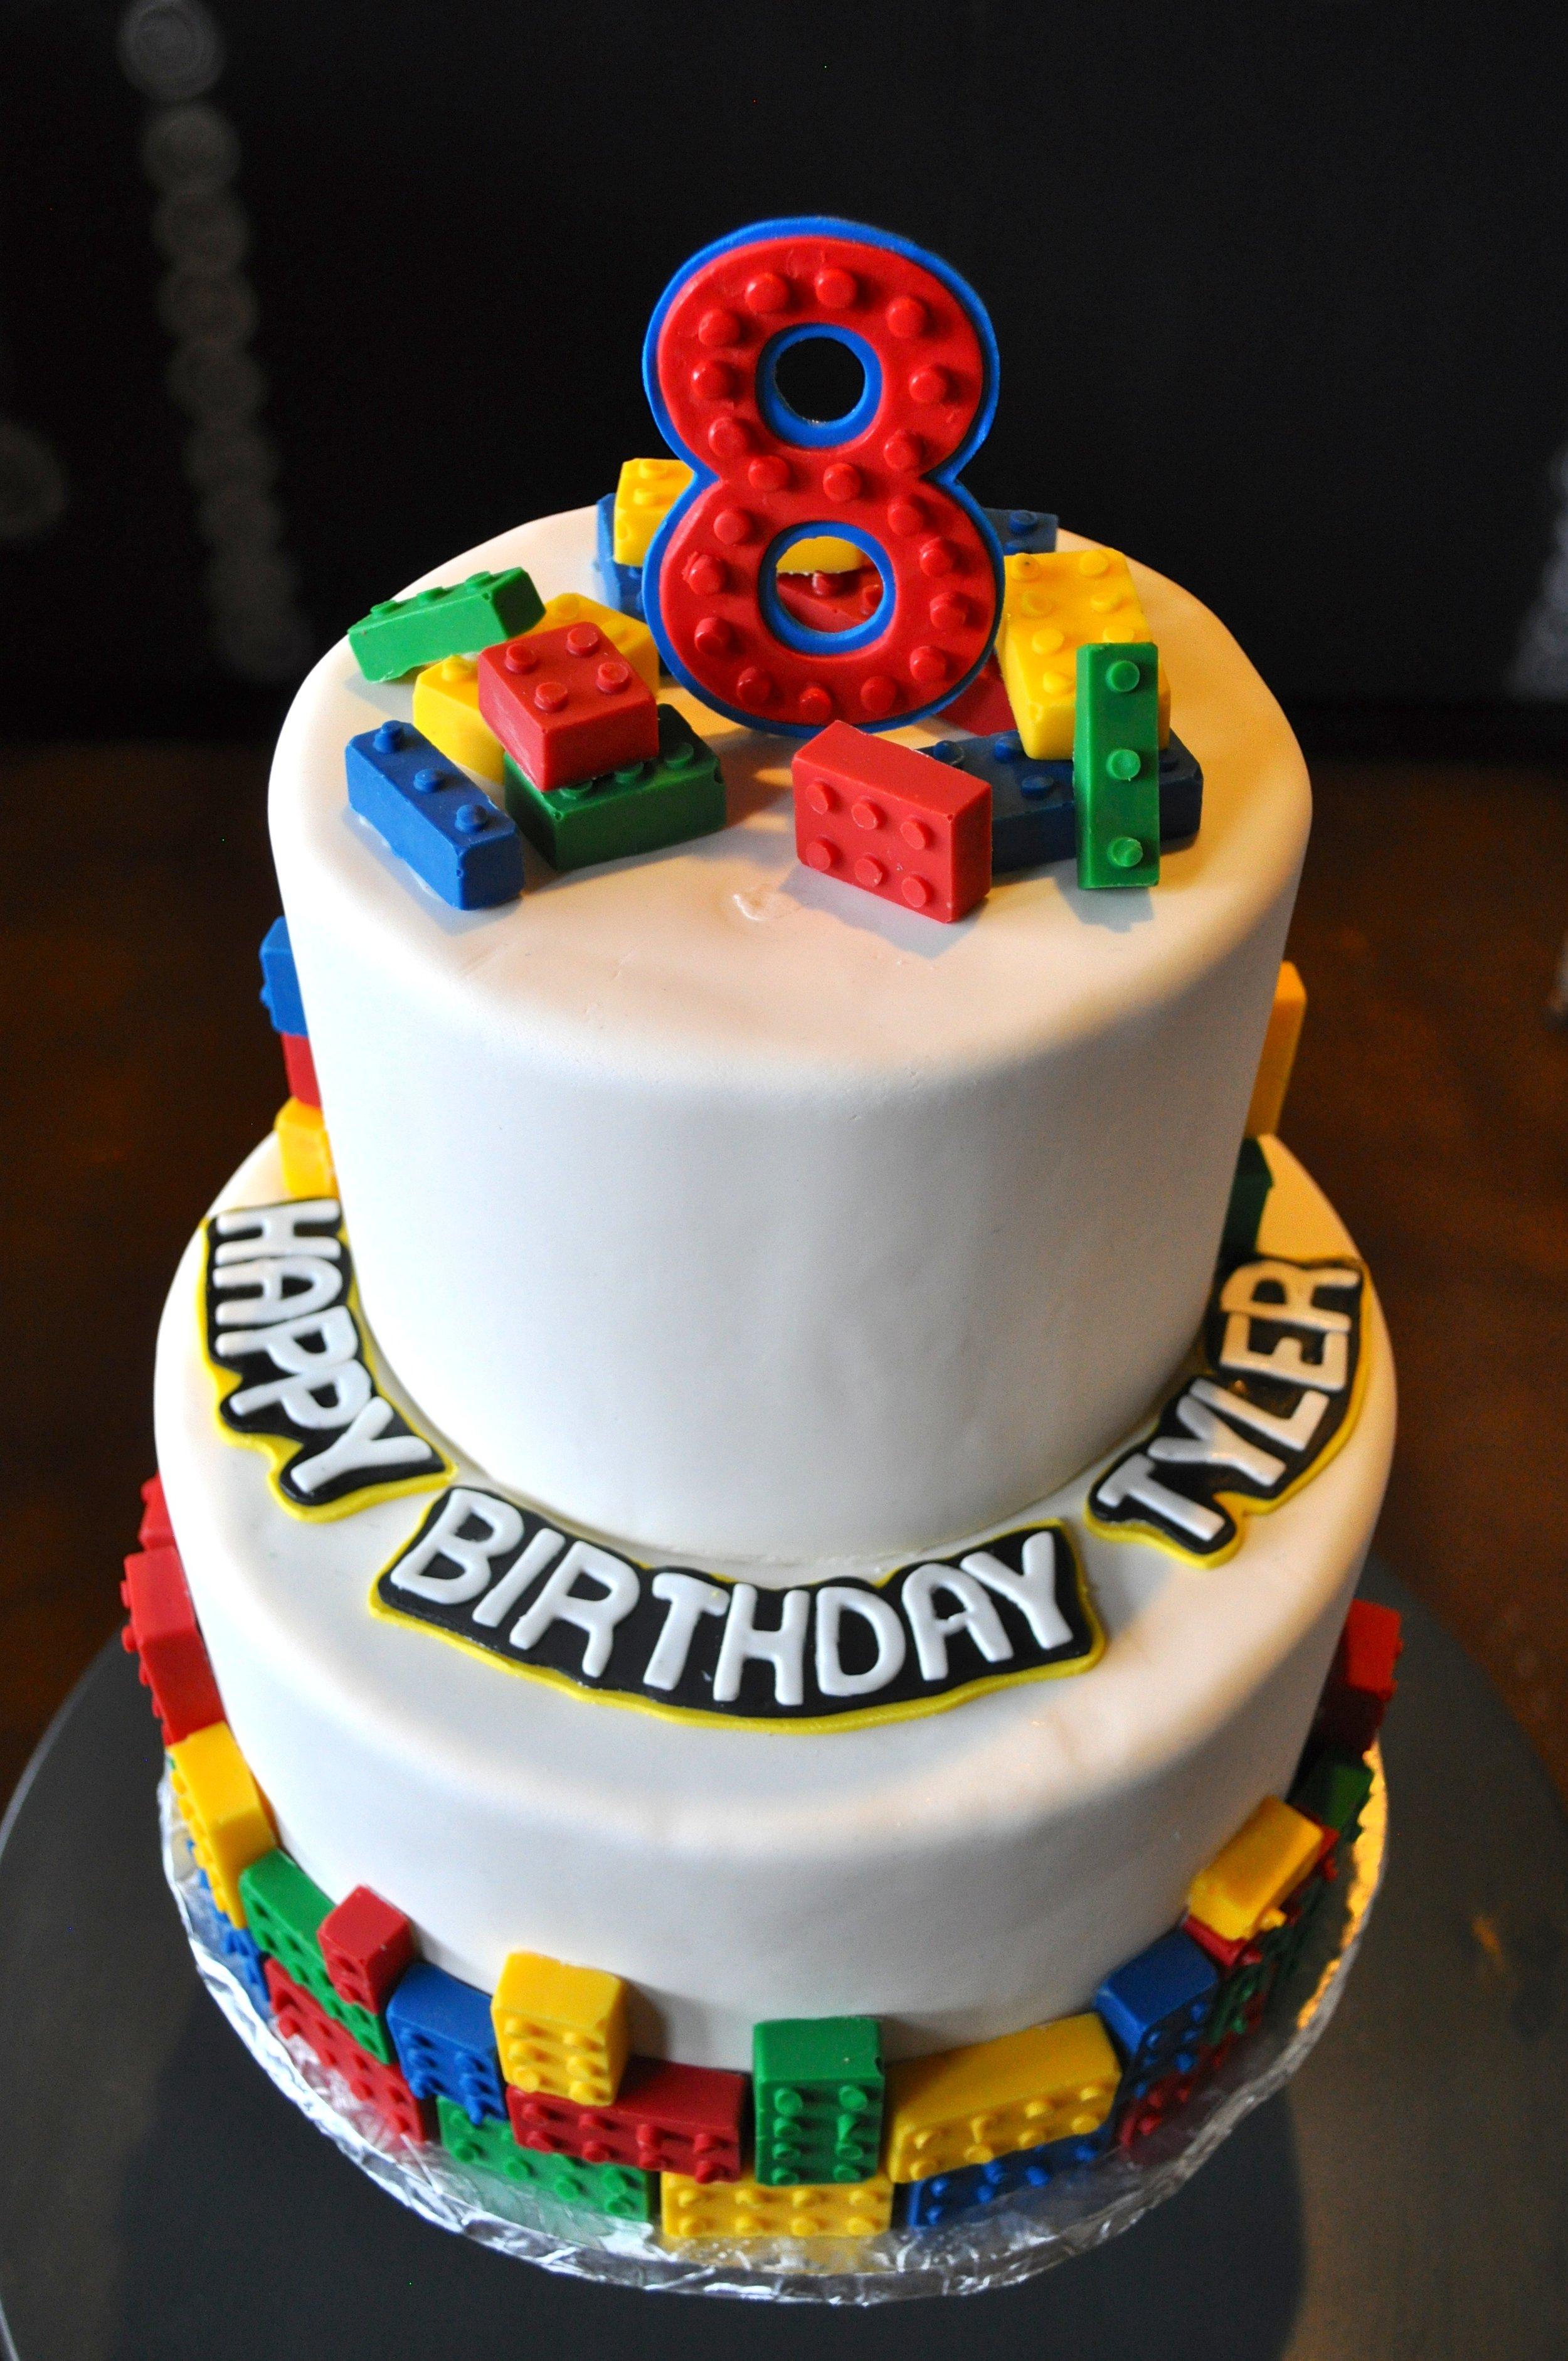 Lego Birthday Cake_2.jpg